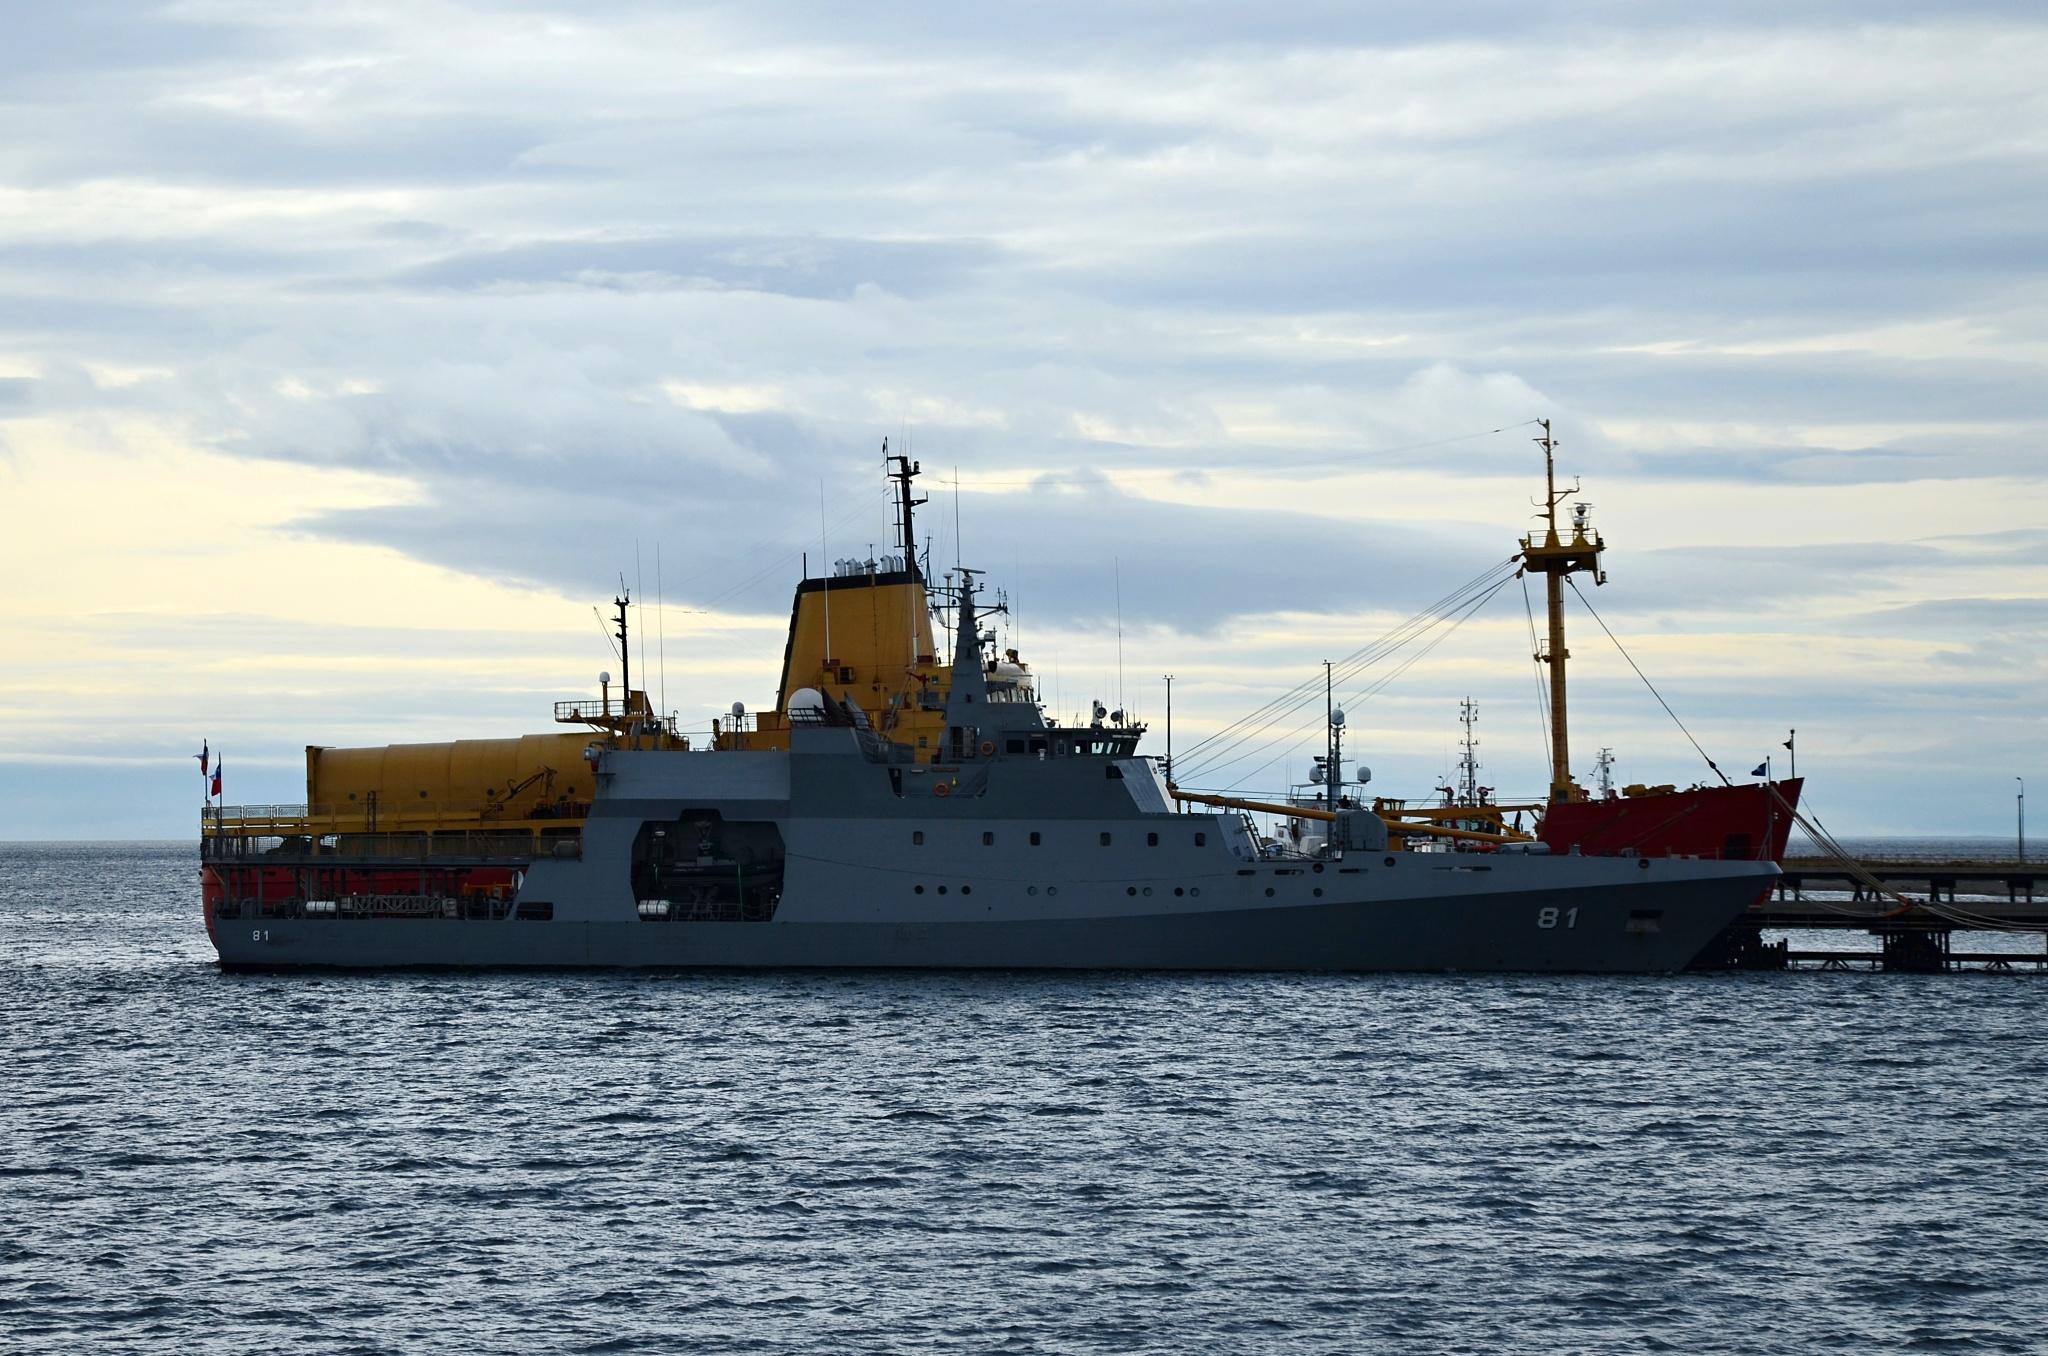 Chilské vojenské námořnictvo